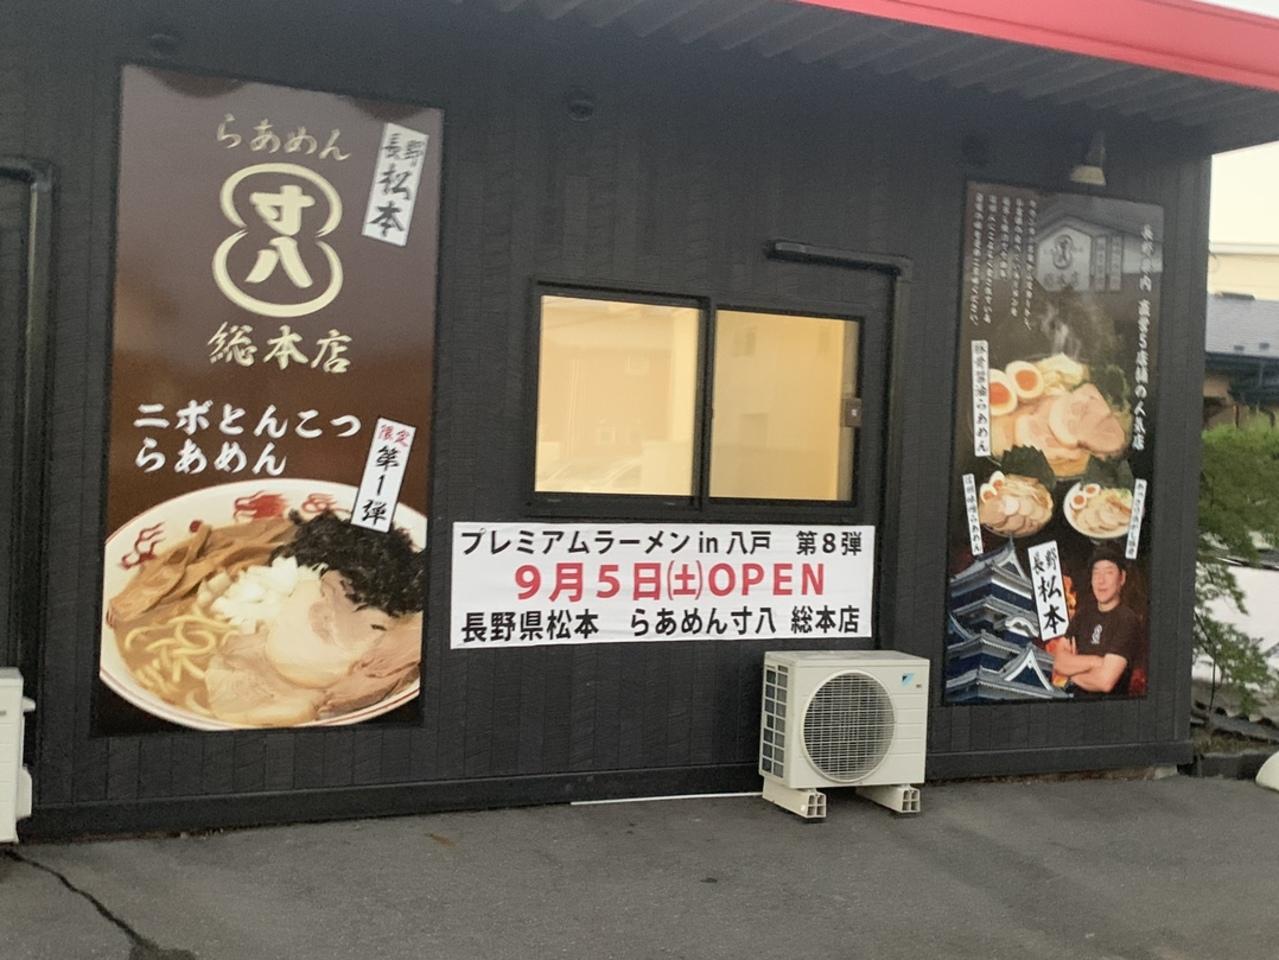 「プレミアムラーメン in 八戸」長野県 「らあめん寸八 (ずんぱち)」11月まで出店中!